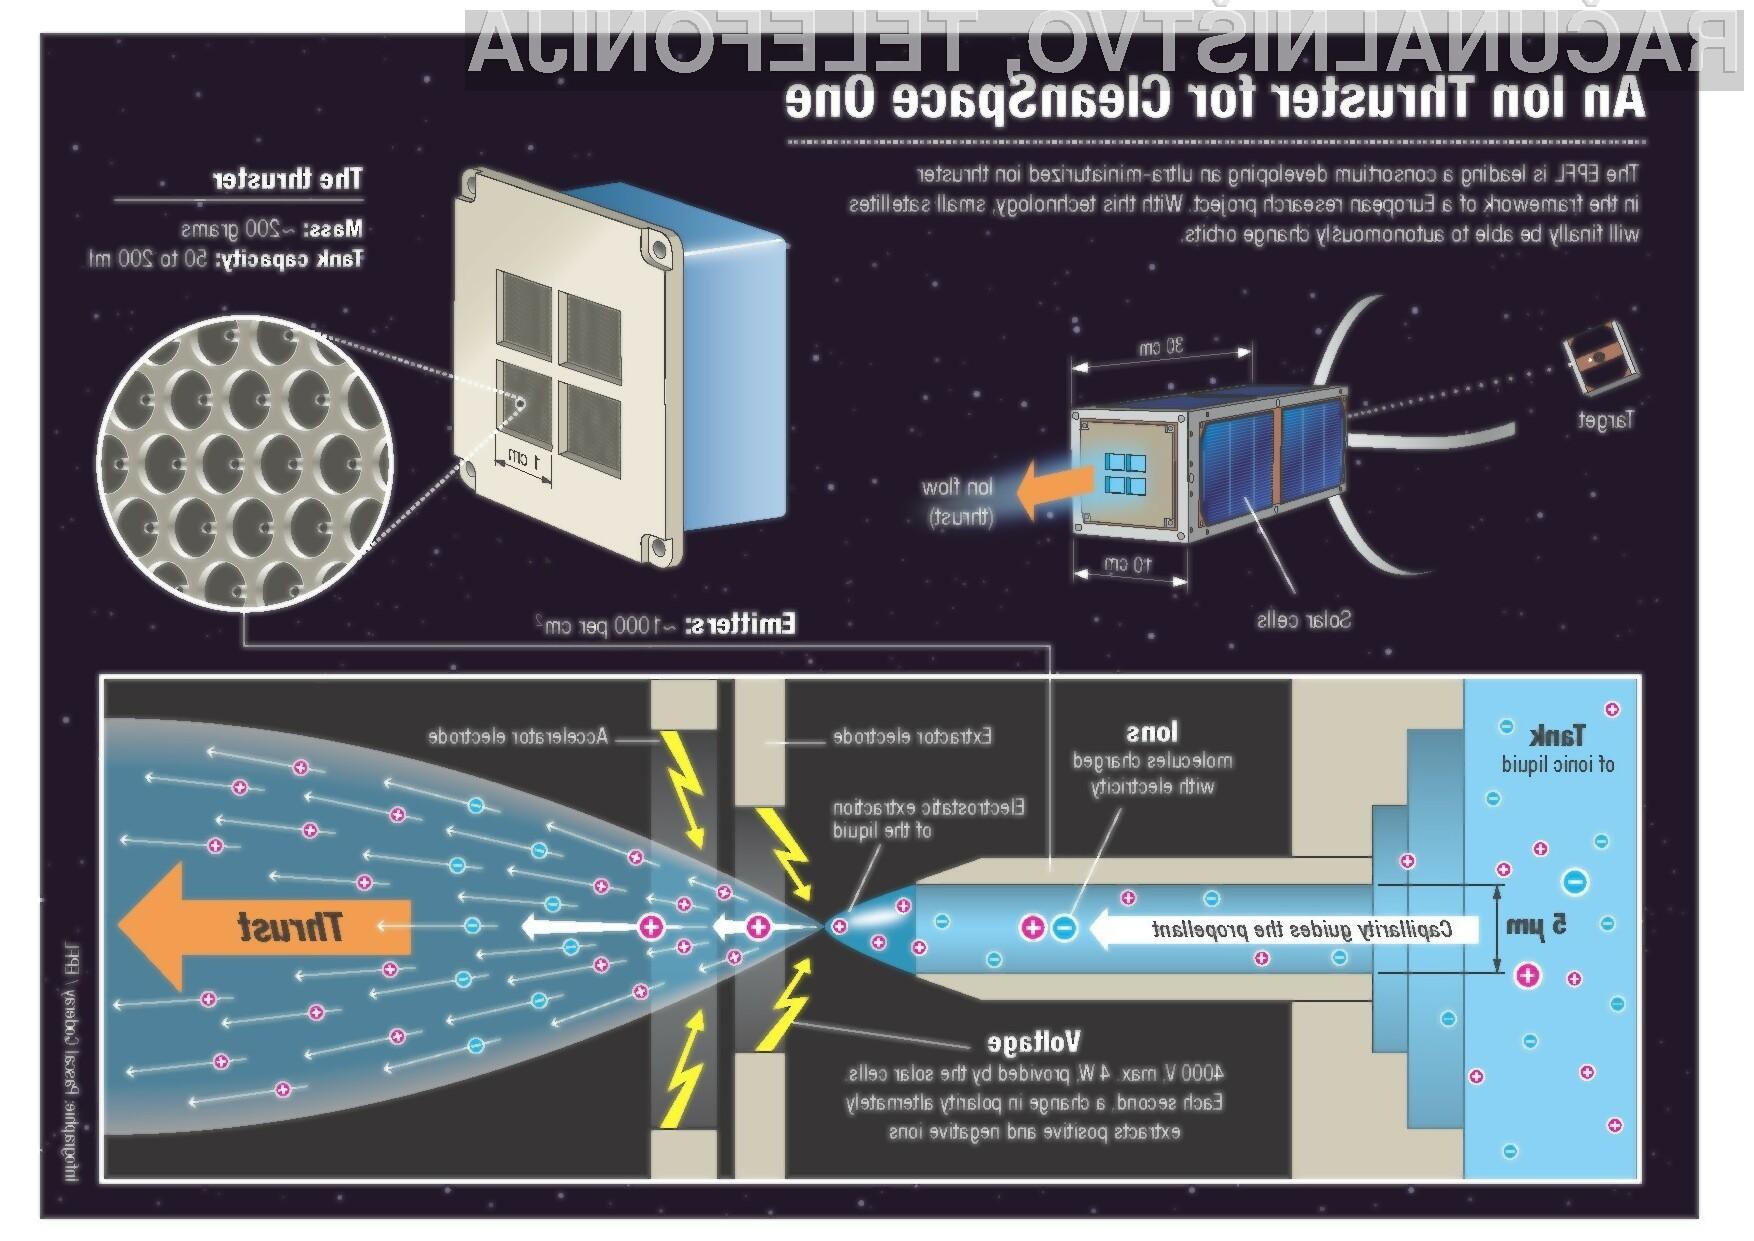 Nanosateliti bodo prvič v zgodovini povsem samostojni.